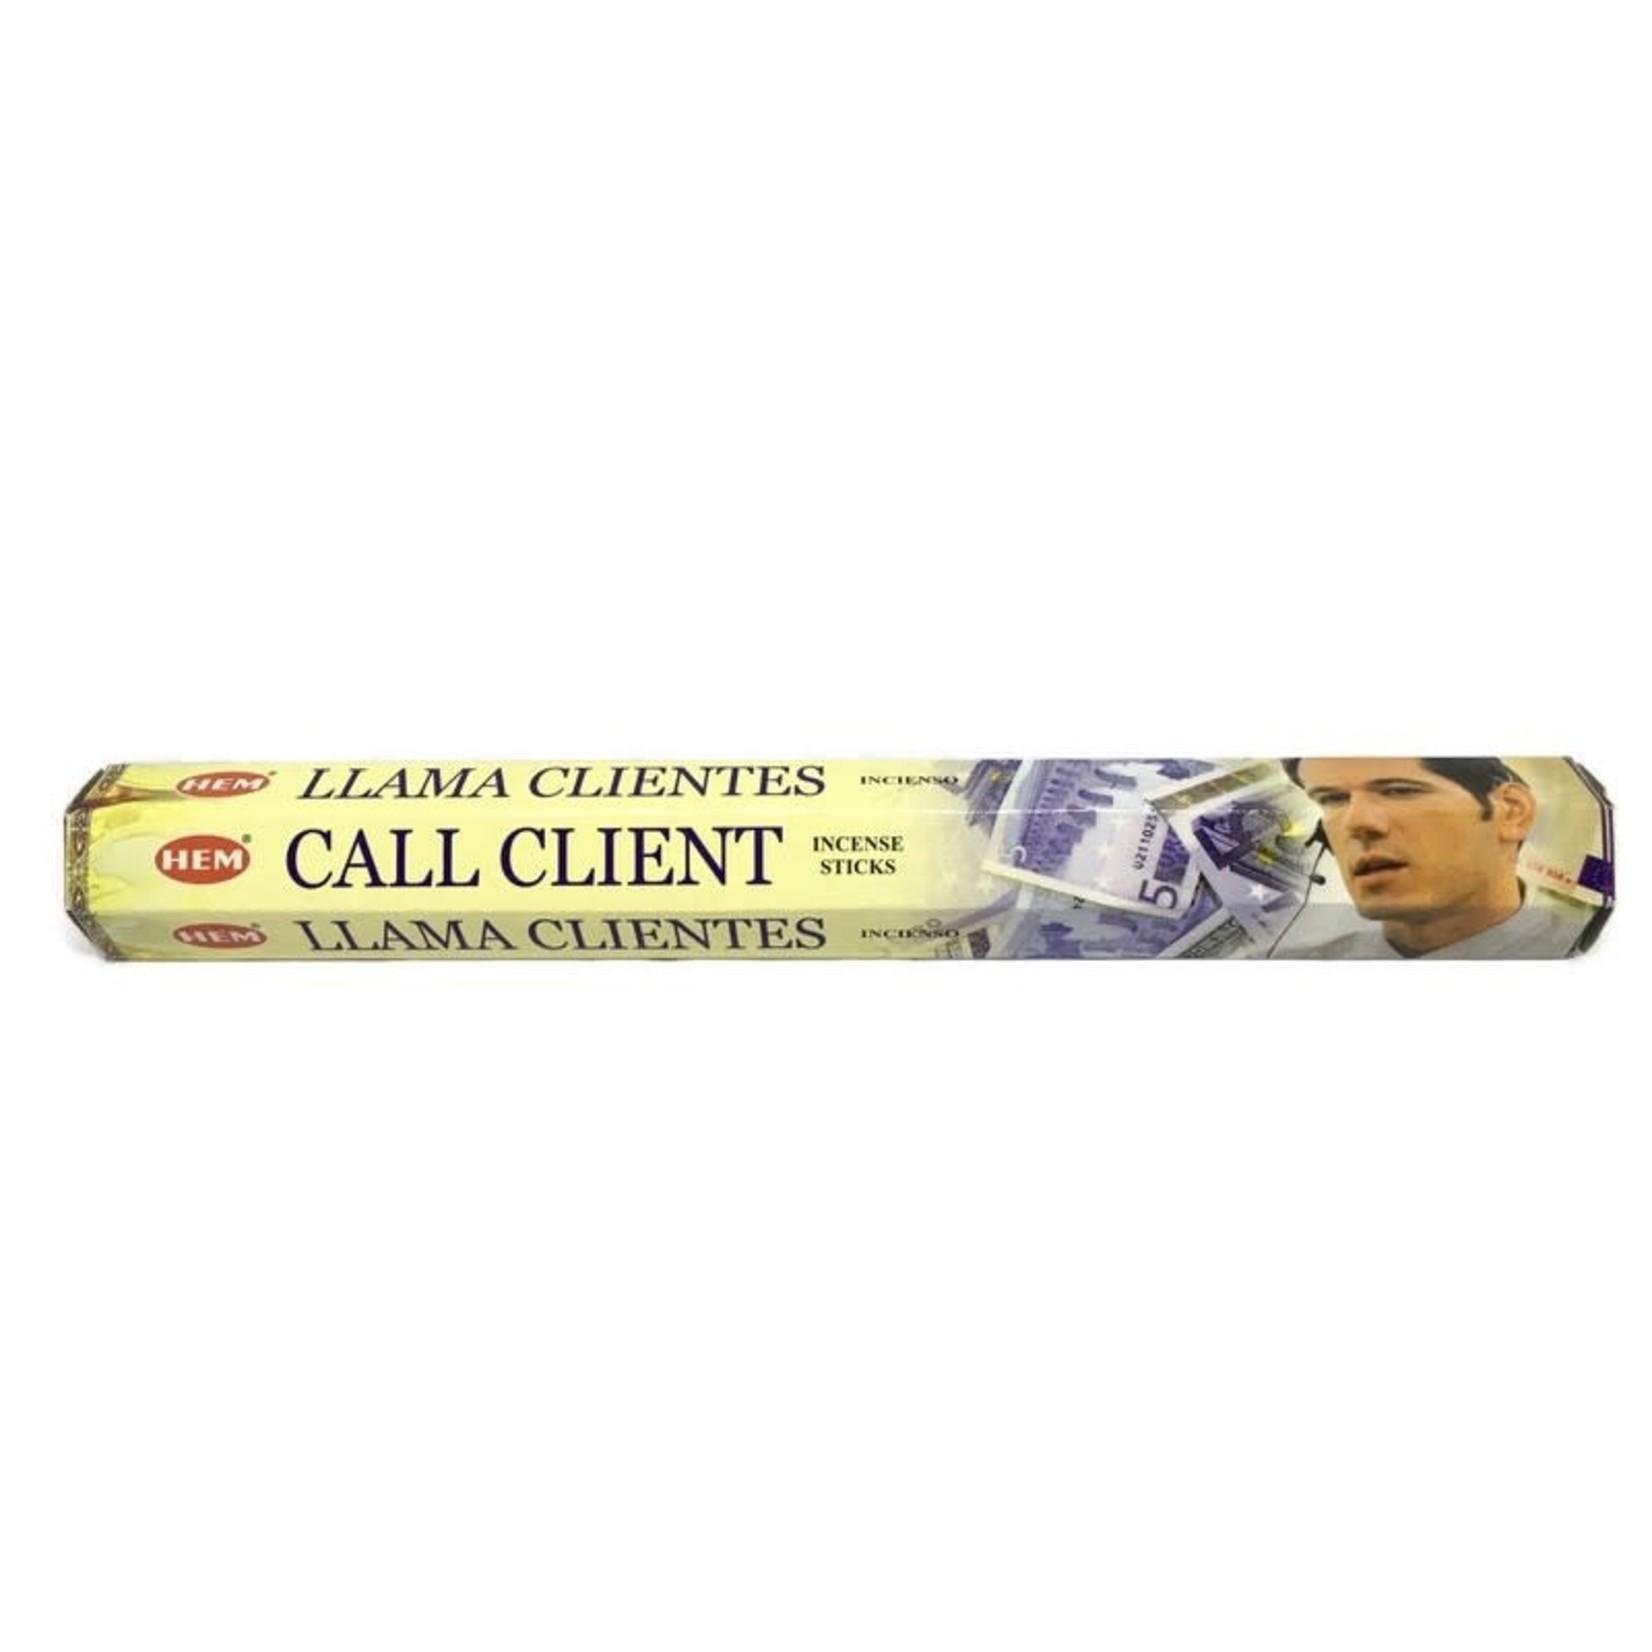 Call Client Incense Sticks (HEM)